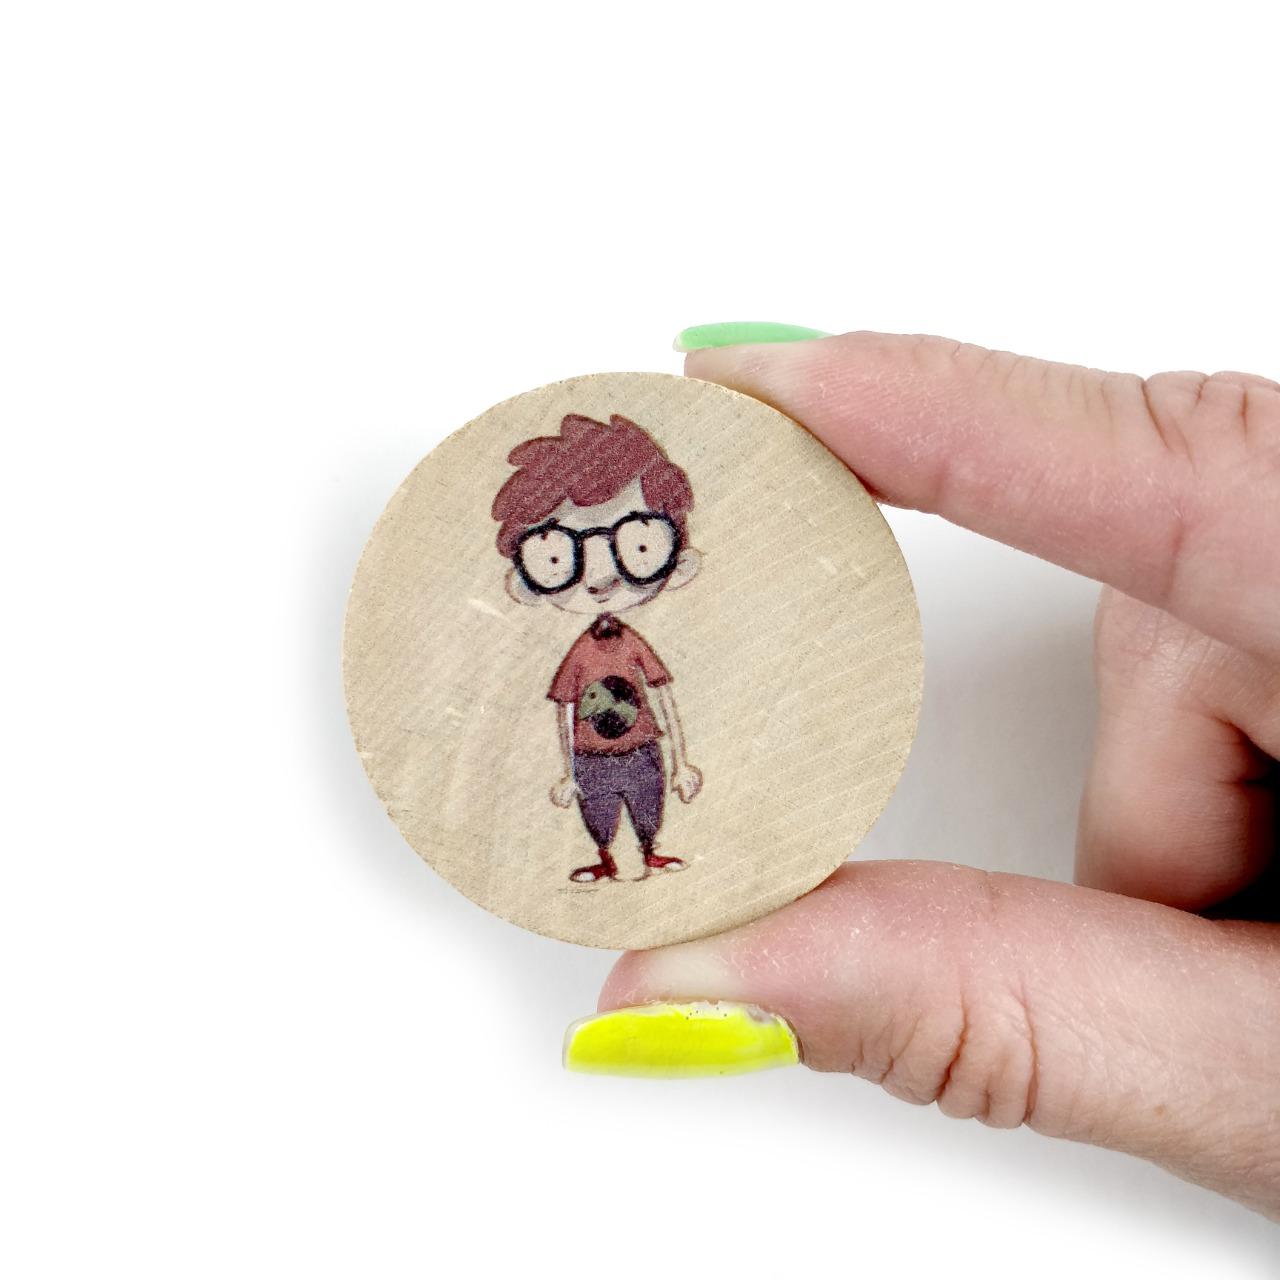 Jogo da Memória LIVRO O menino que se escondia - Brinquedo Educativo em Madeira  - Elefante Colorido Brinquedos Educativos